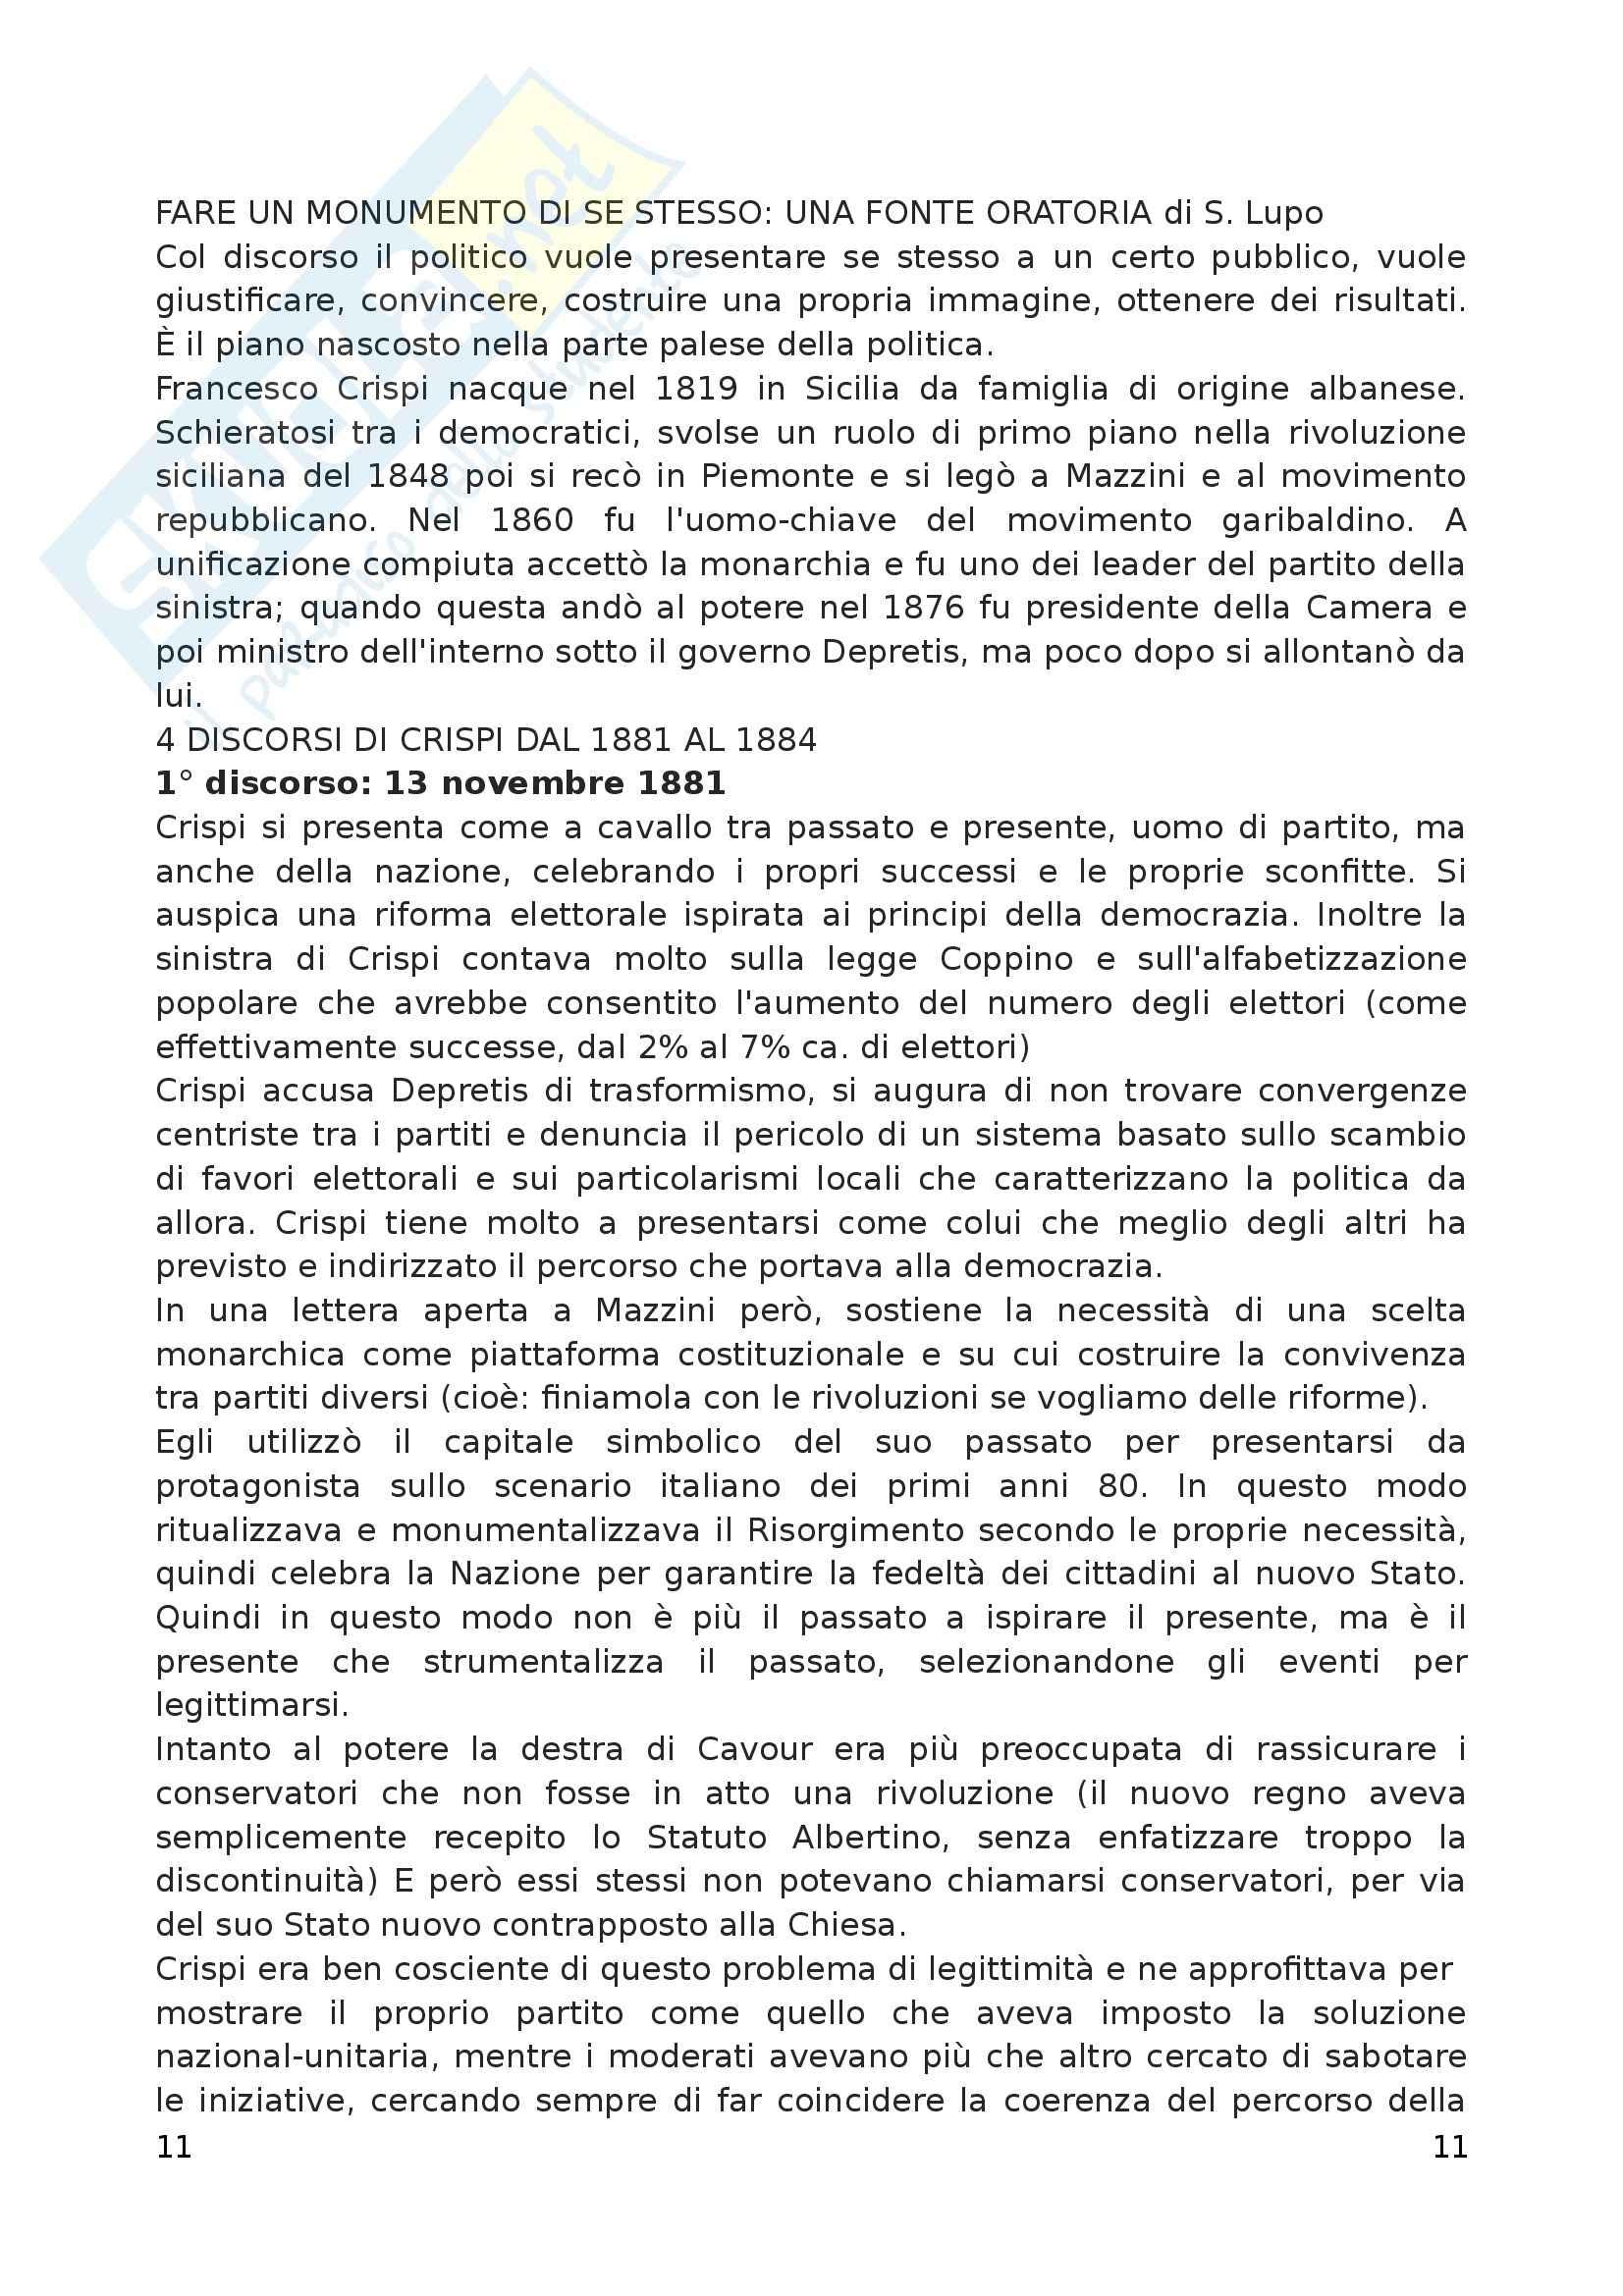 Riassunto esame Storia moderna, prof. Arcangeli, libro consigliato Prima lezione di metodo storico, Luzzatto Pag. 11